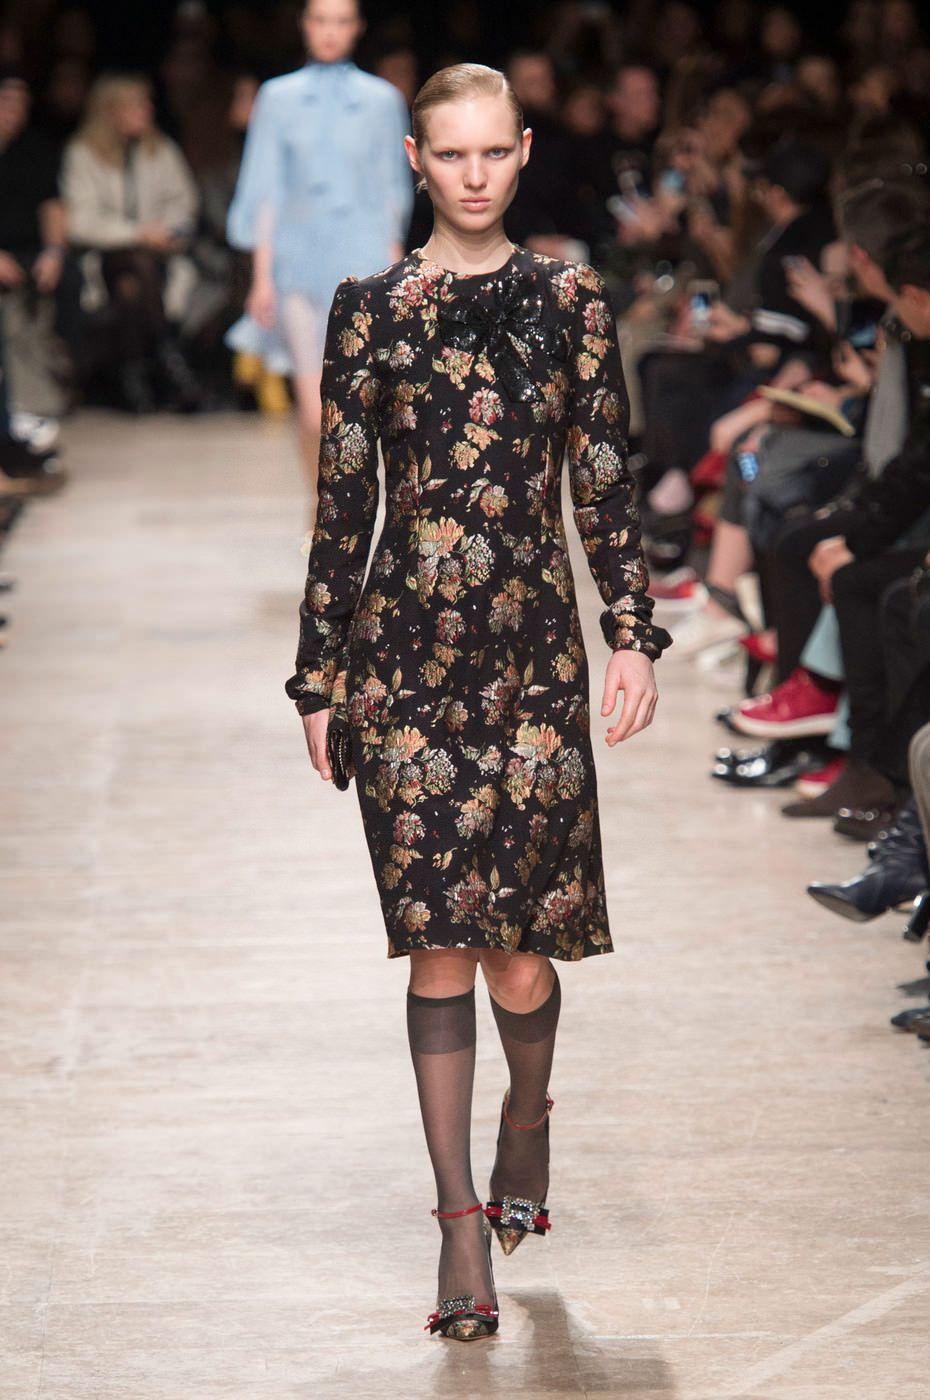 cd1f9933f0cf Одна из самых главных тенденций сезона – комбинированные модные платья.  Новинки с подиумов демонстрируют удачные комбинации материалов, фактур и  цветов.